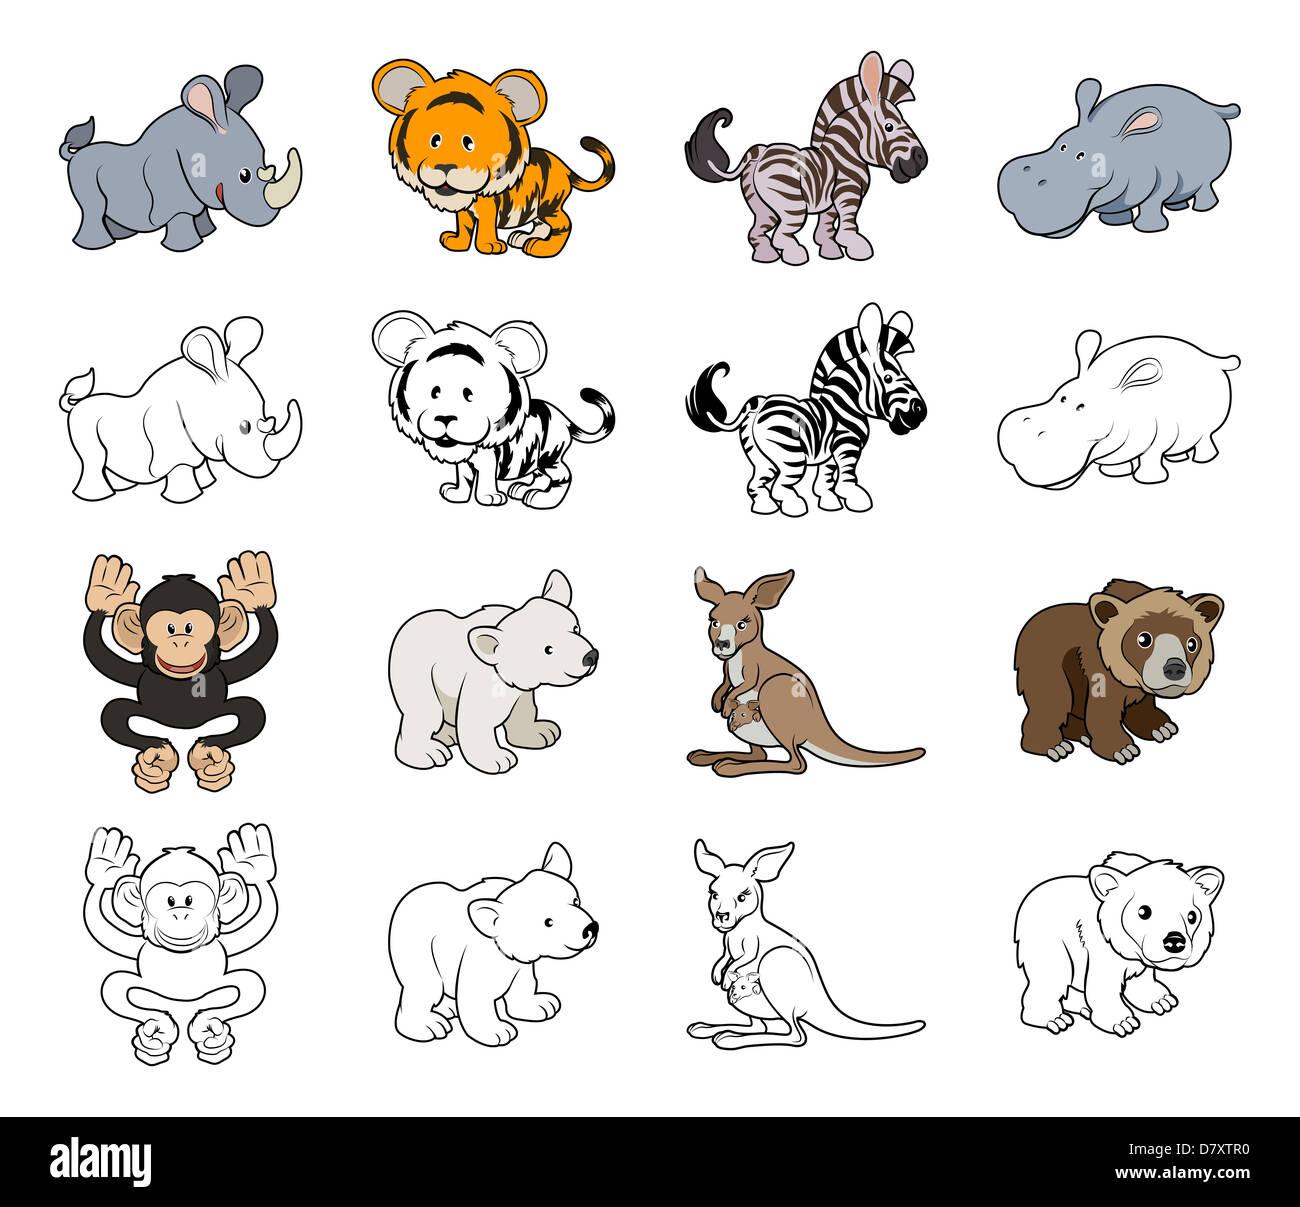 Una serie de dibujos animados ilustraciones de animales salvajes ...